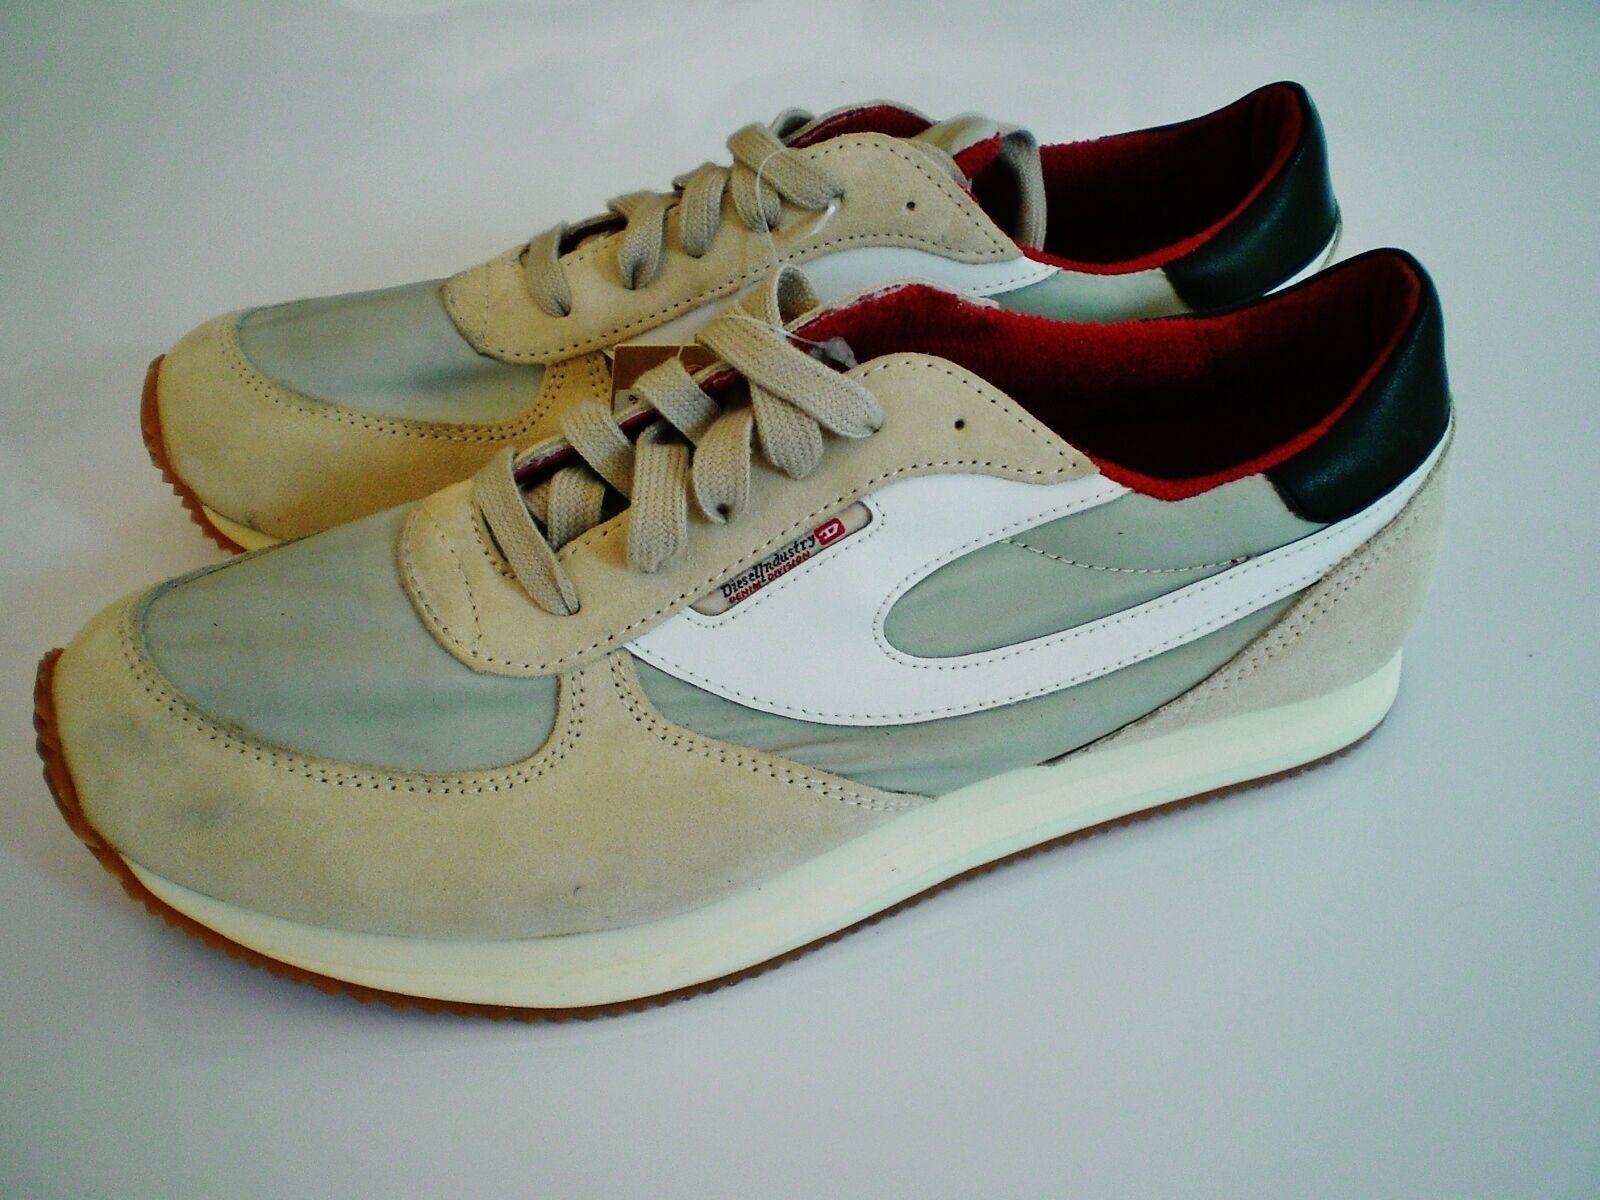 Original diesel zapatos f. d. user zapatos caballero talla 43 cortos zapatillas de deporte nuevo